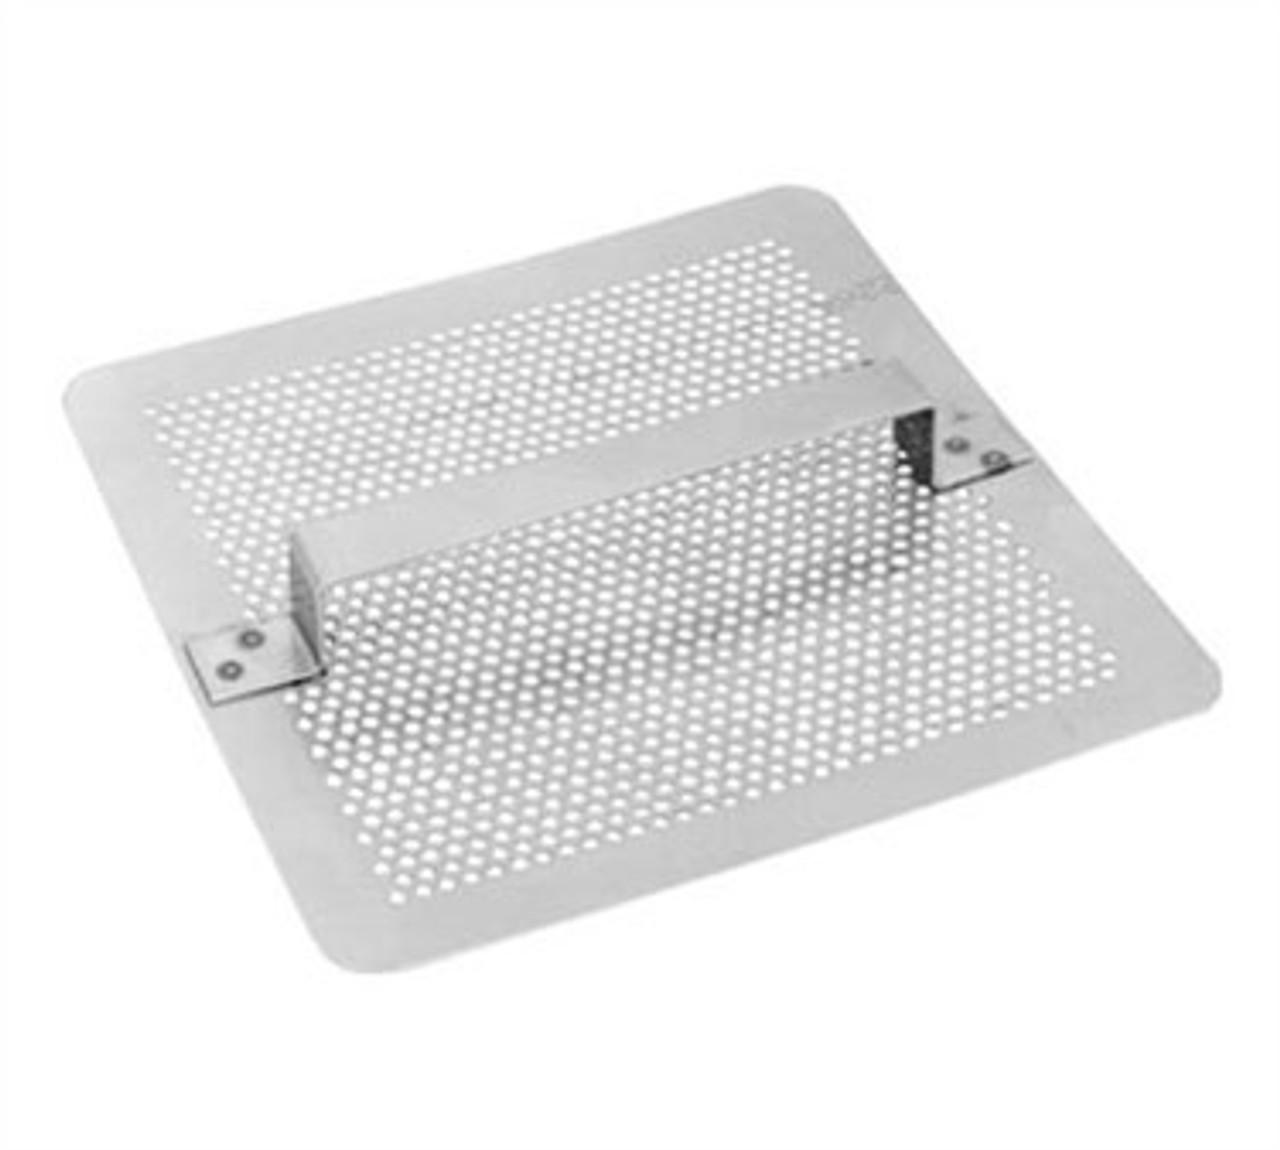 7 3/4 inch Square Flat Floor Drain Strainer